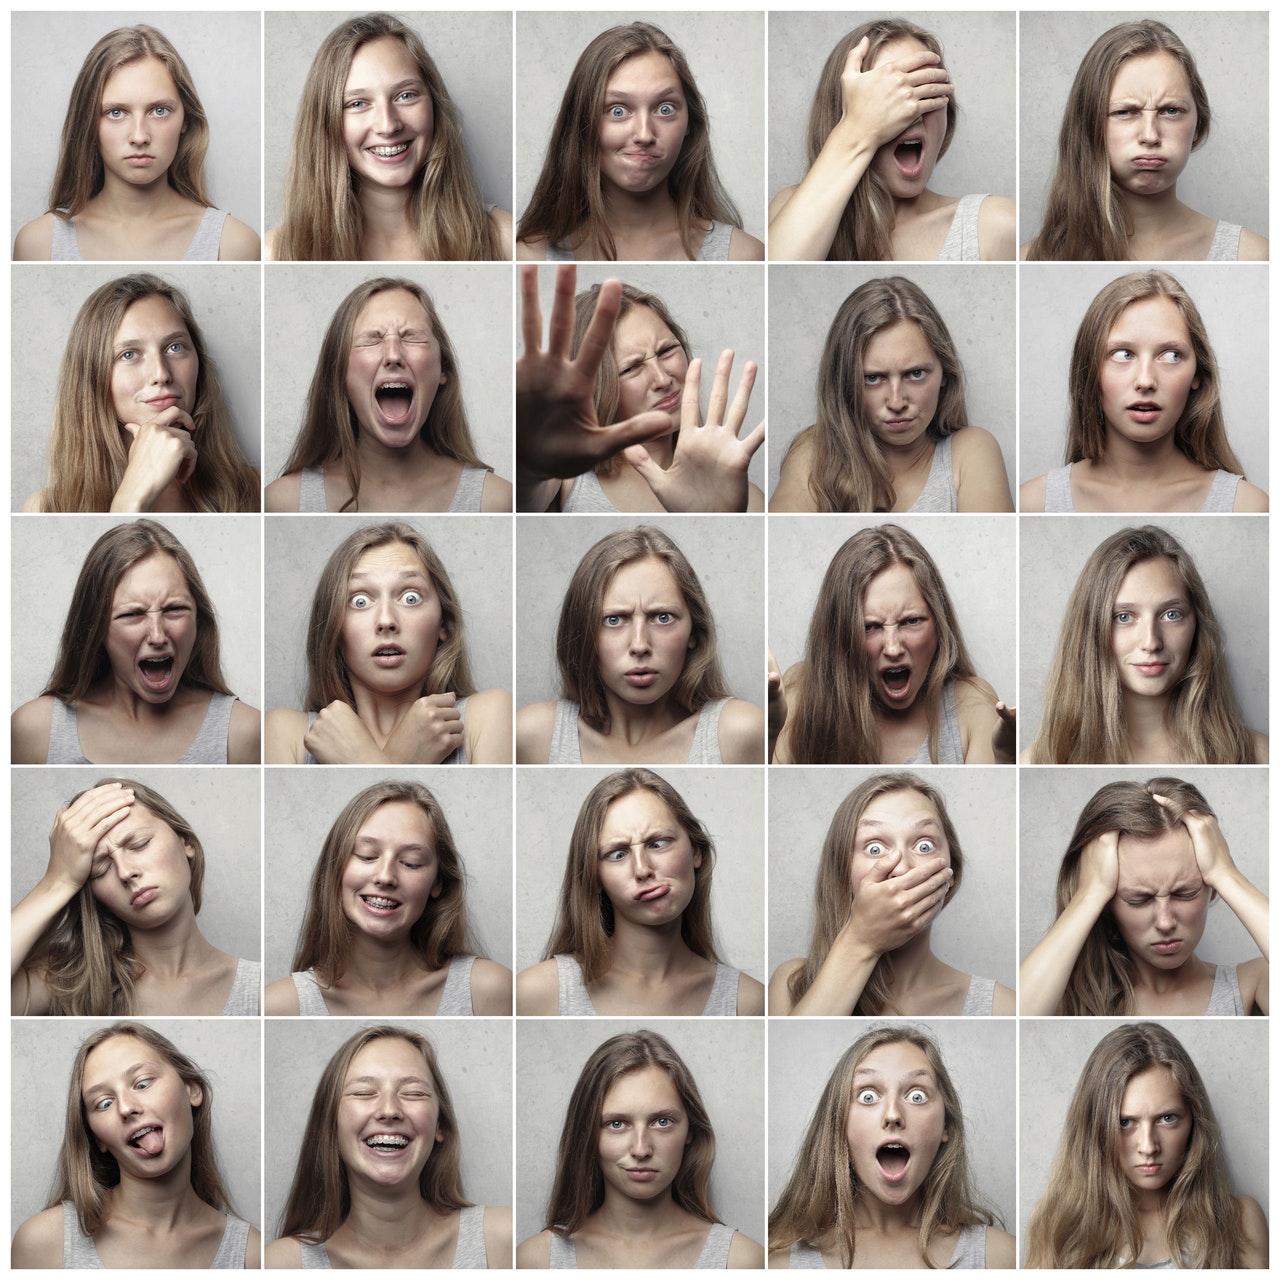 Die verschiedenen Emotionen des Menschen